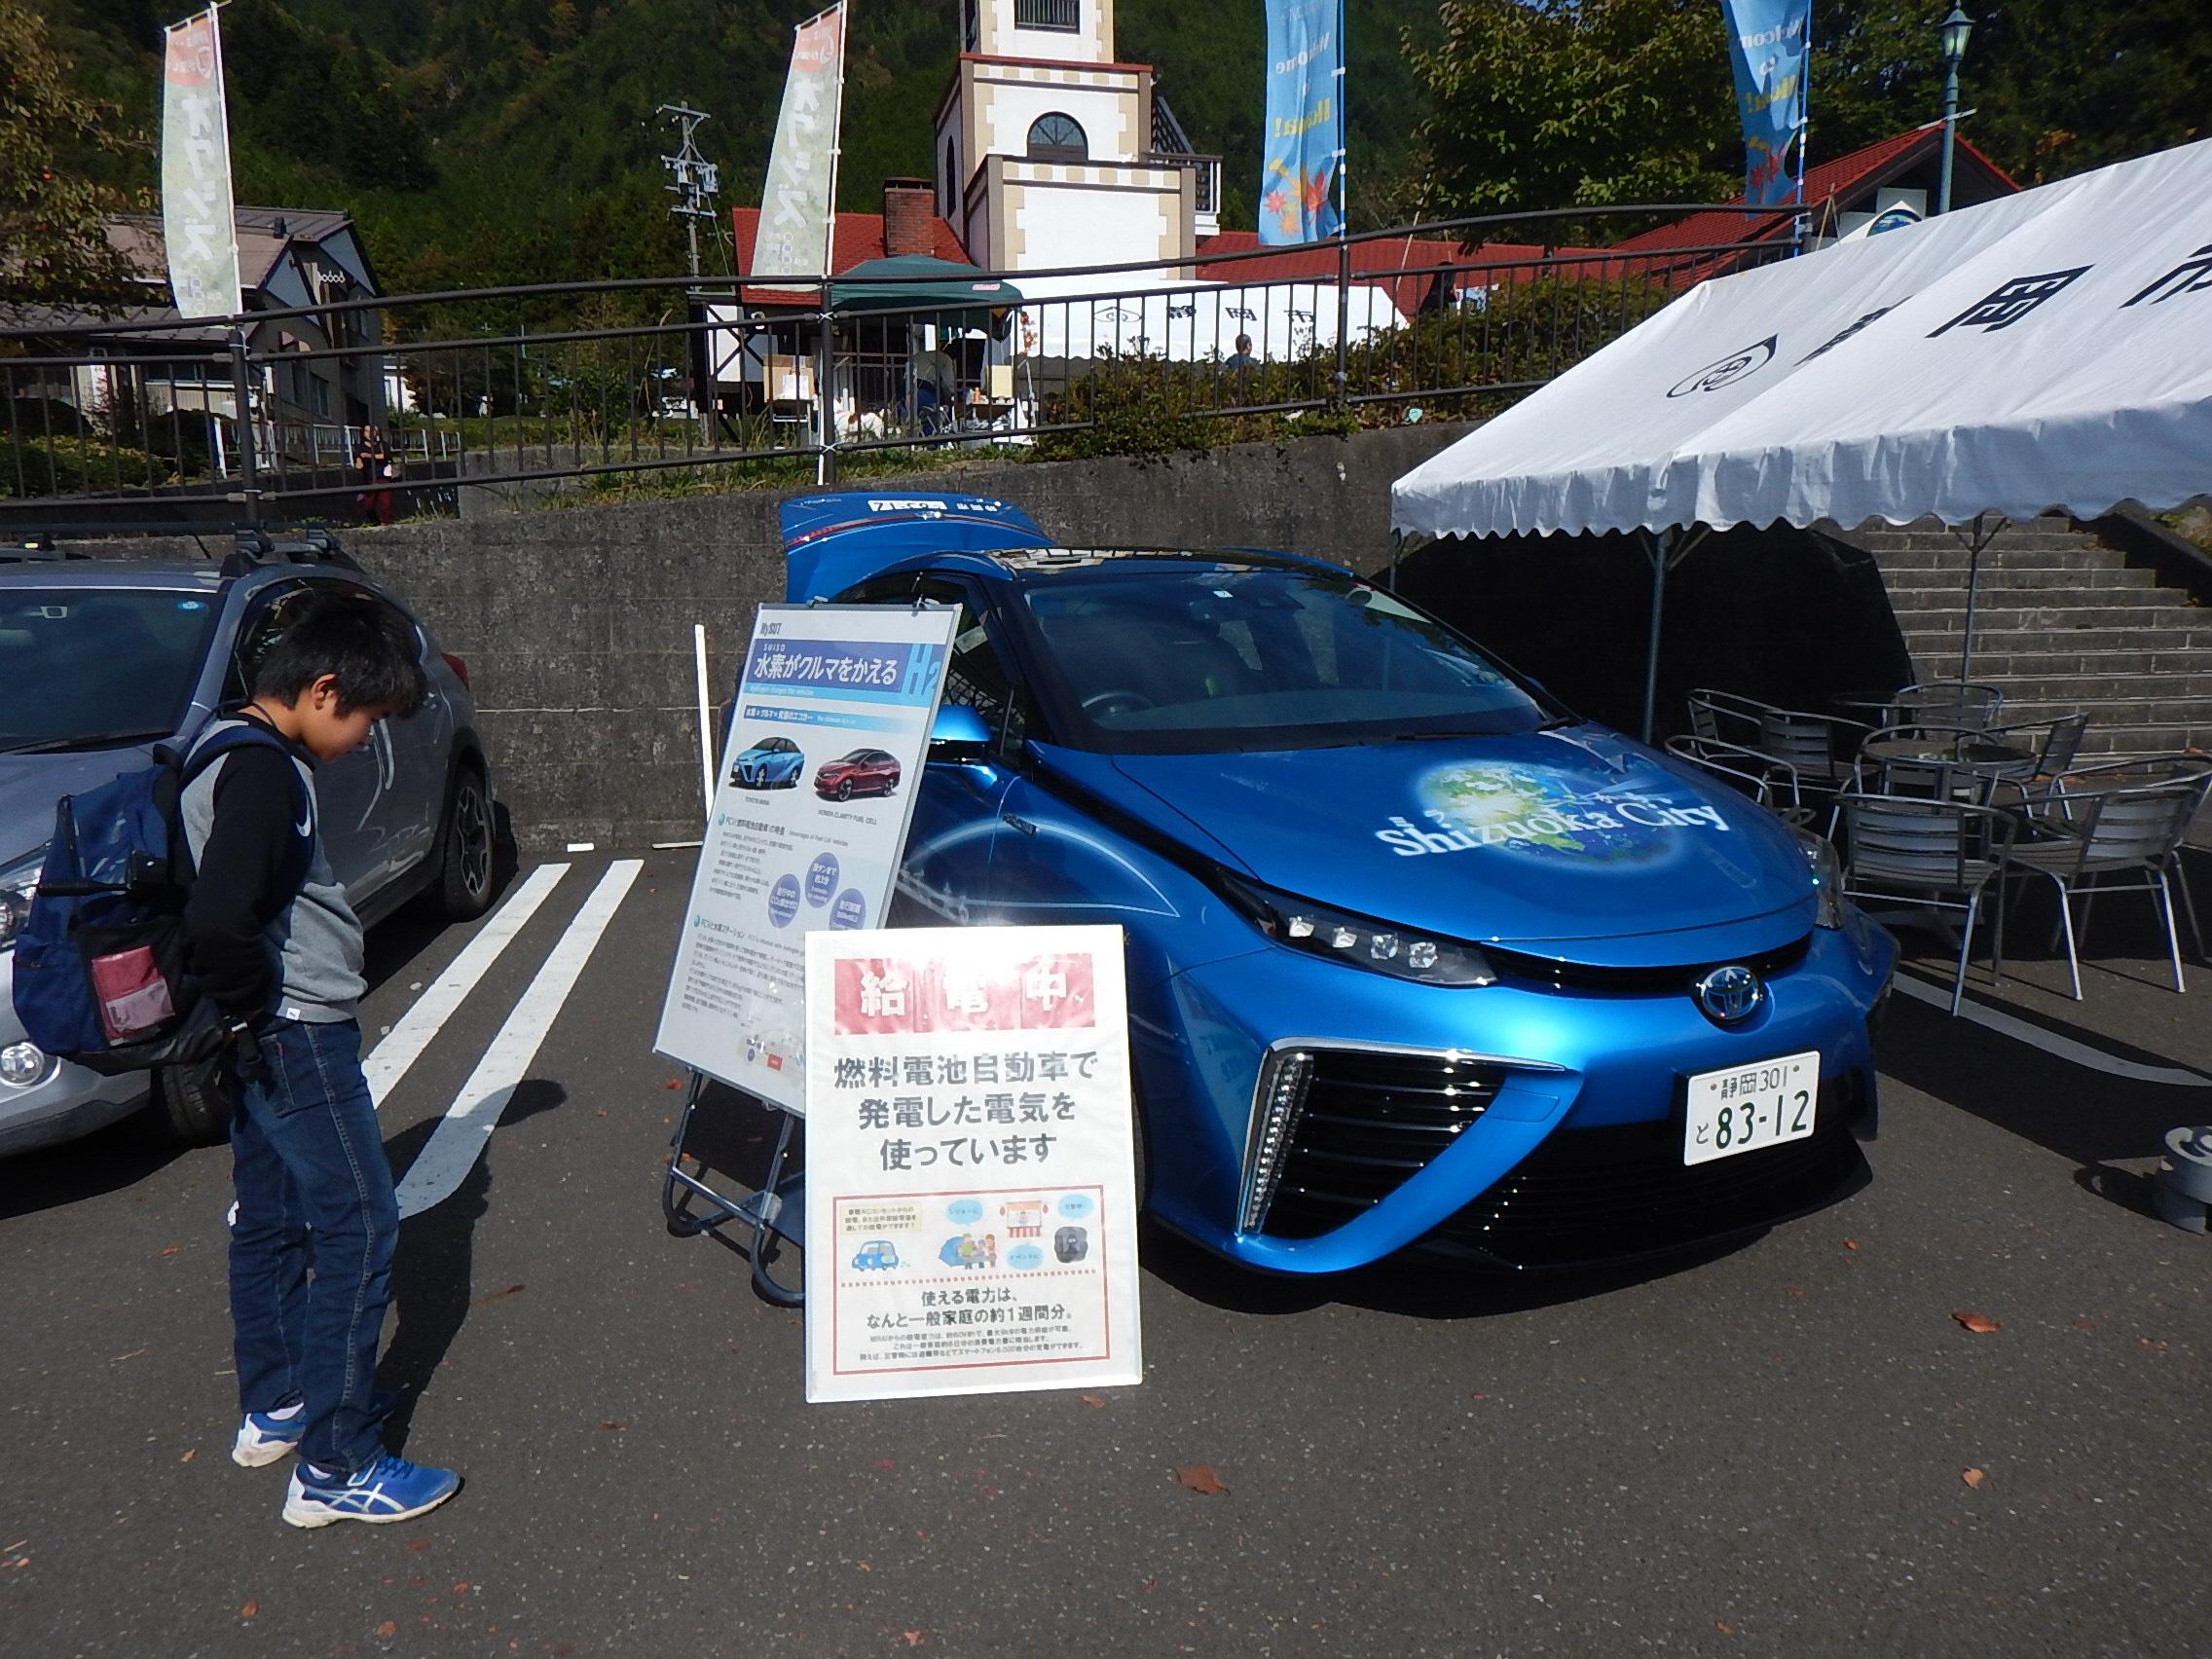 https://www.shizutan.jp/learning/images/DSCN8661.JPG